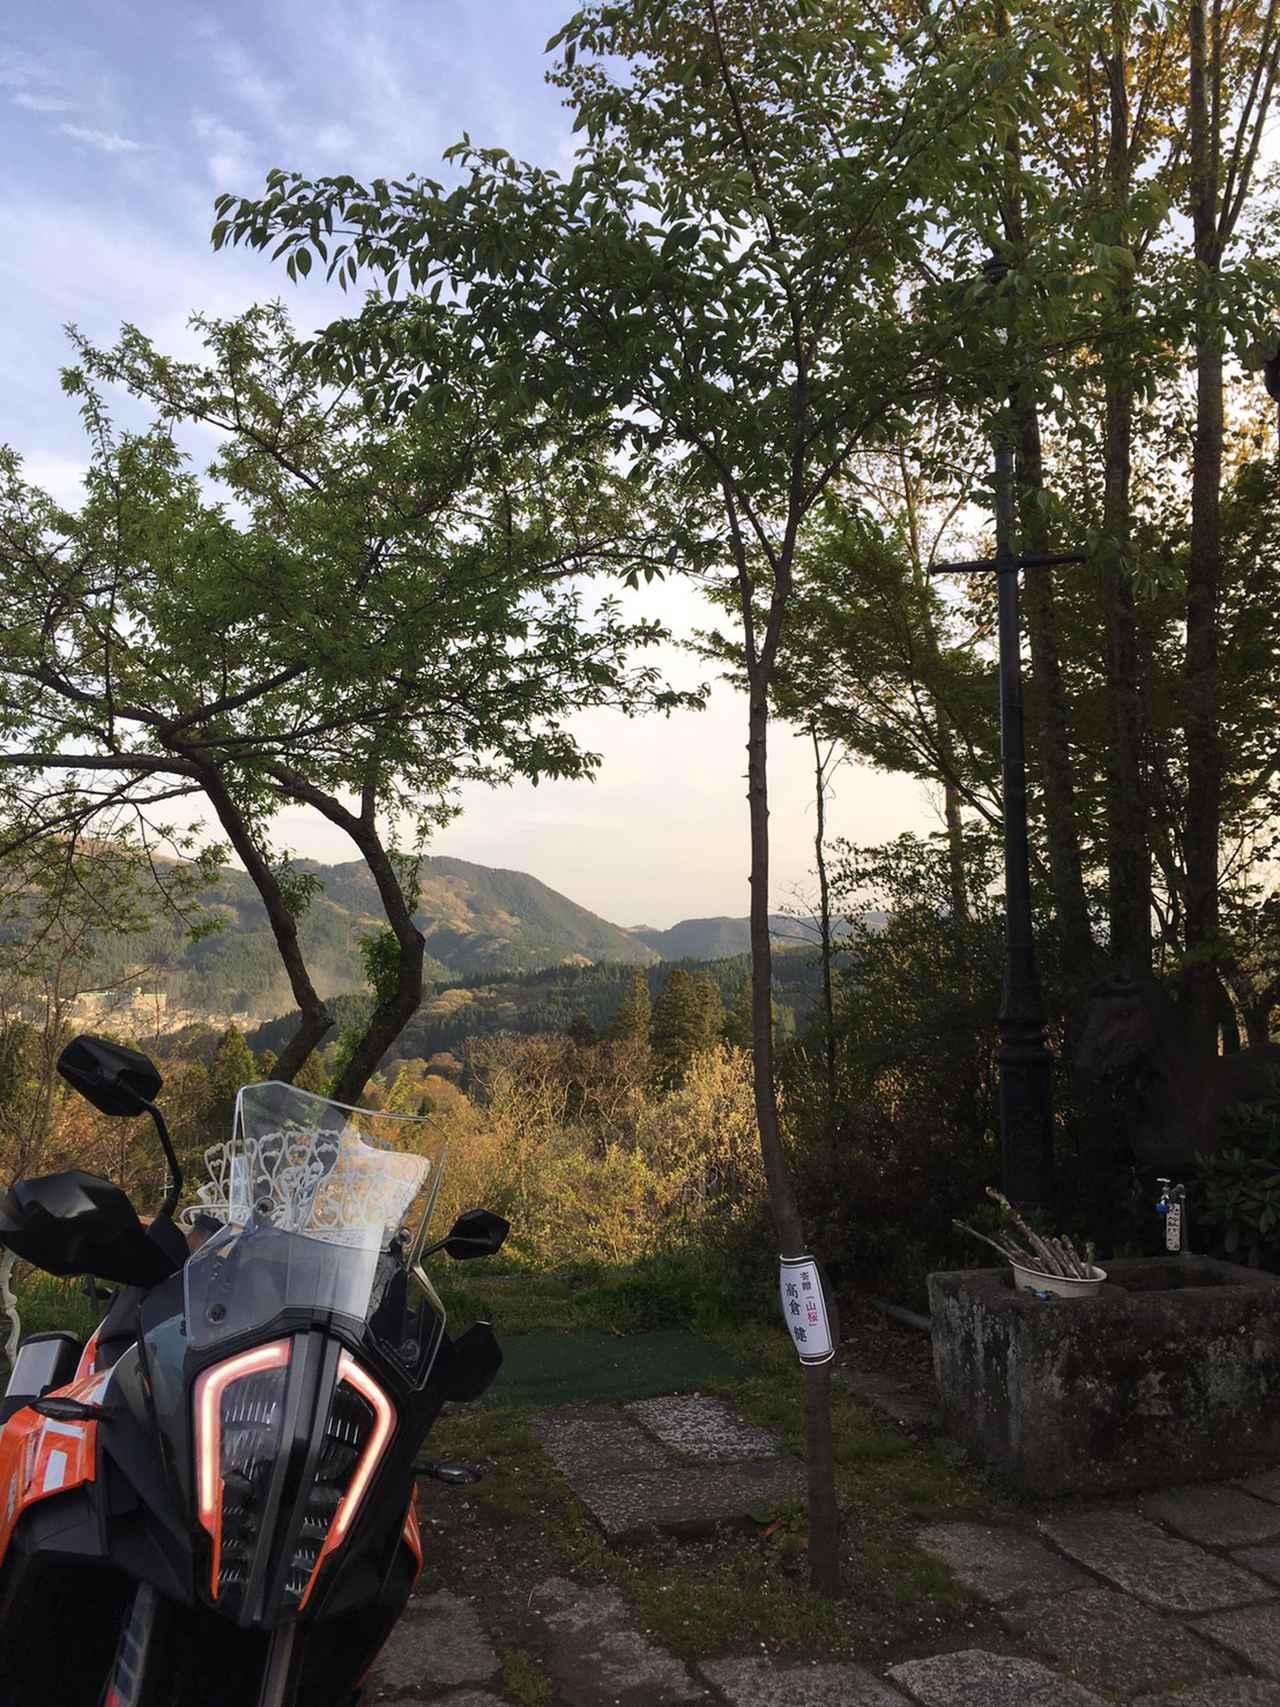 画像3: 福山理子の旅先潜入レポート! 大分県に眠る2億円のバイクとは? 湯布院の「岩下コレクション」へ【ツーリング紀行】